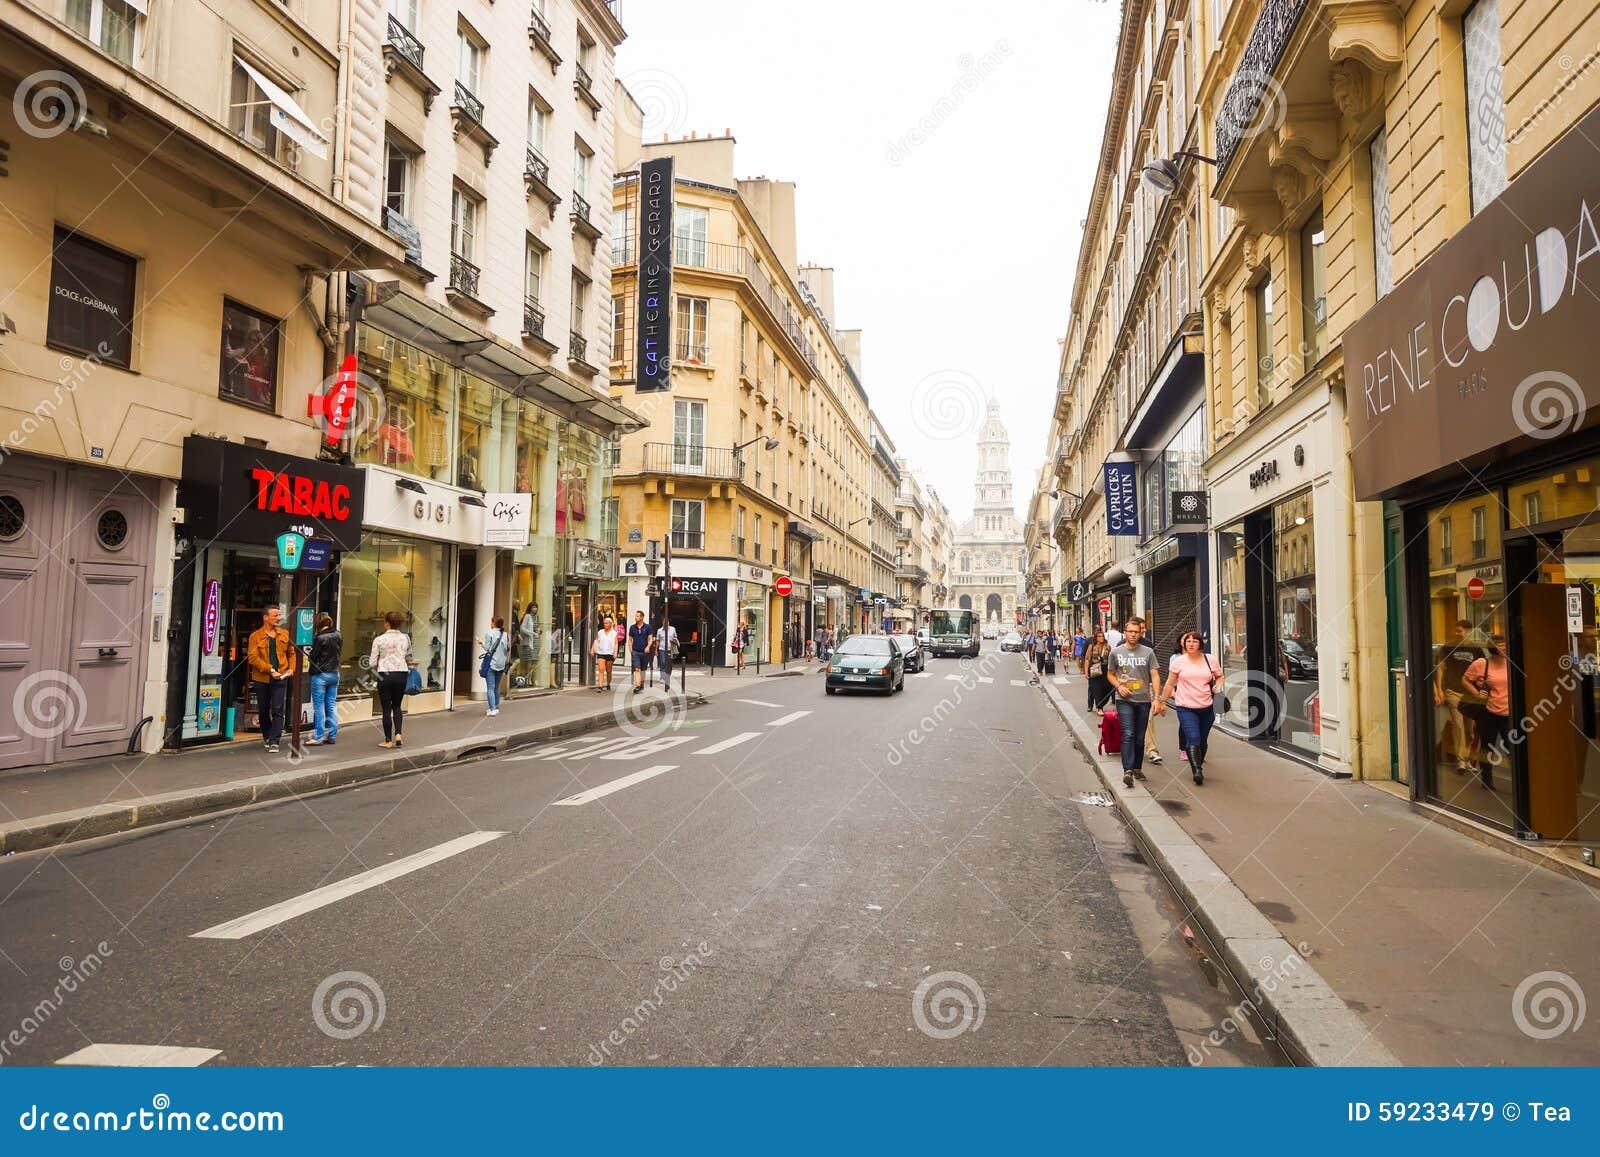 Download Calles de París imagen de archivo editorial. Imagen de hermoso - 59233479